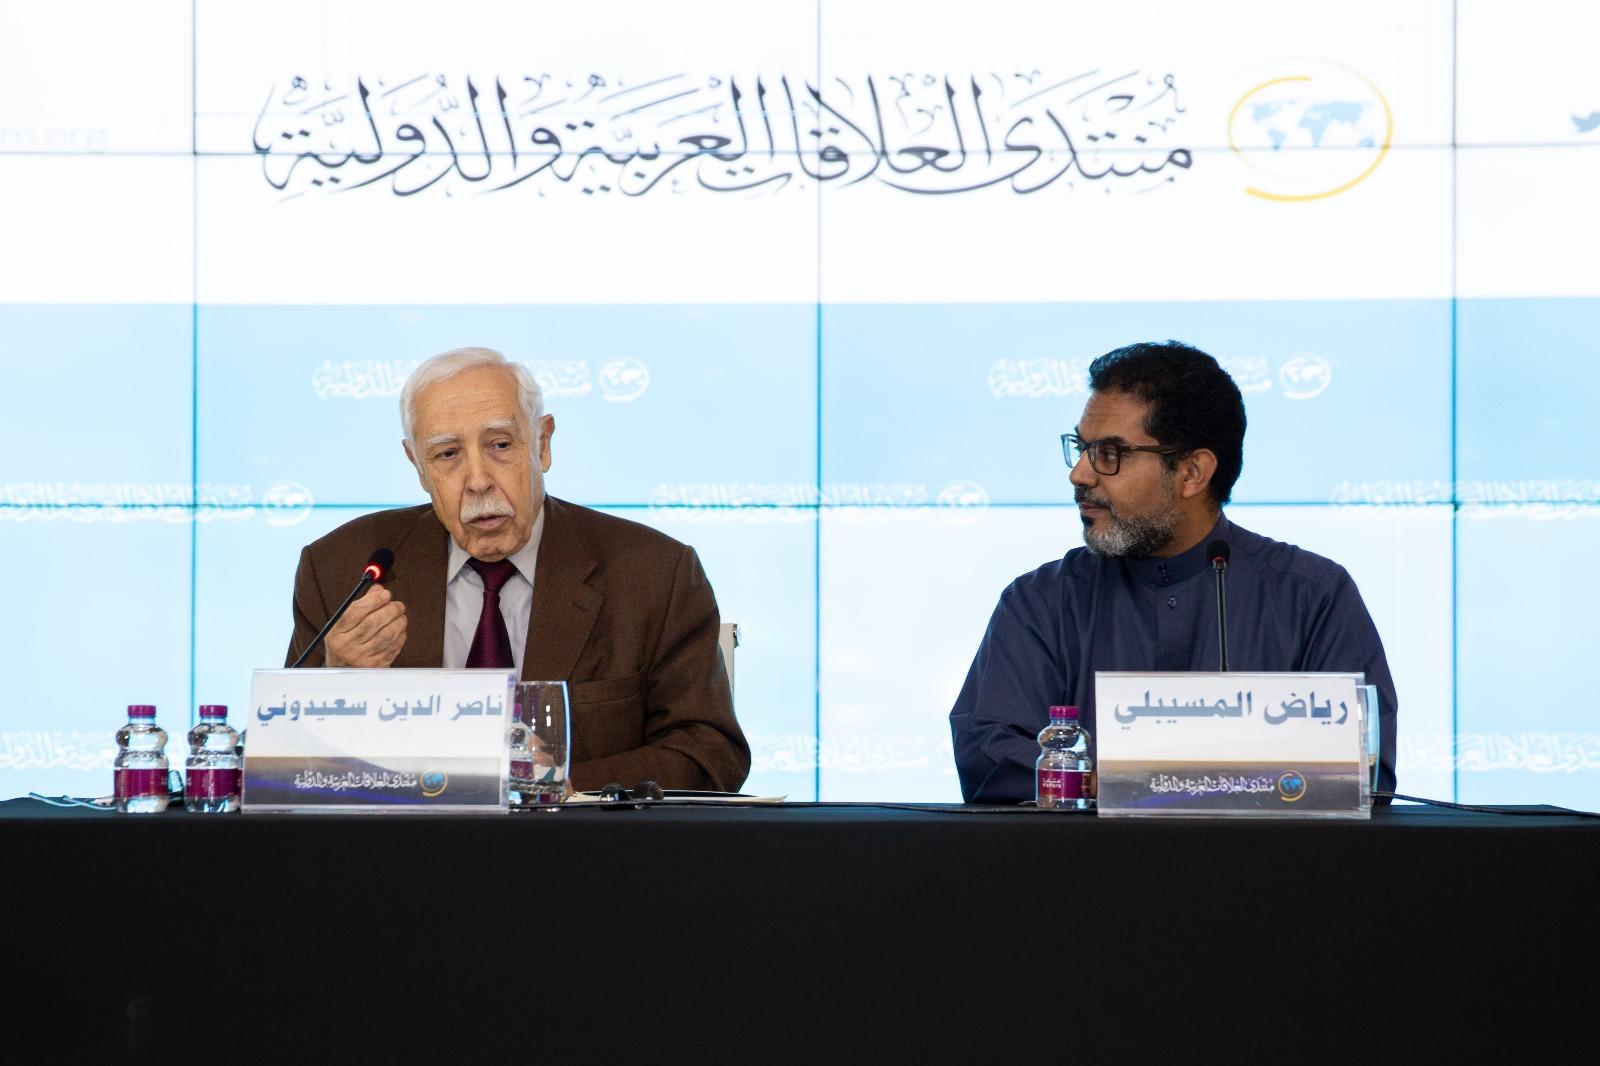 دور النخب الجزائرية في دفع حركة الإصلاح الجديد (واقع – طموح – فاعلية)